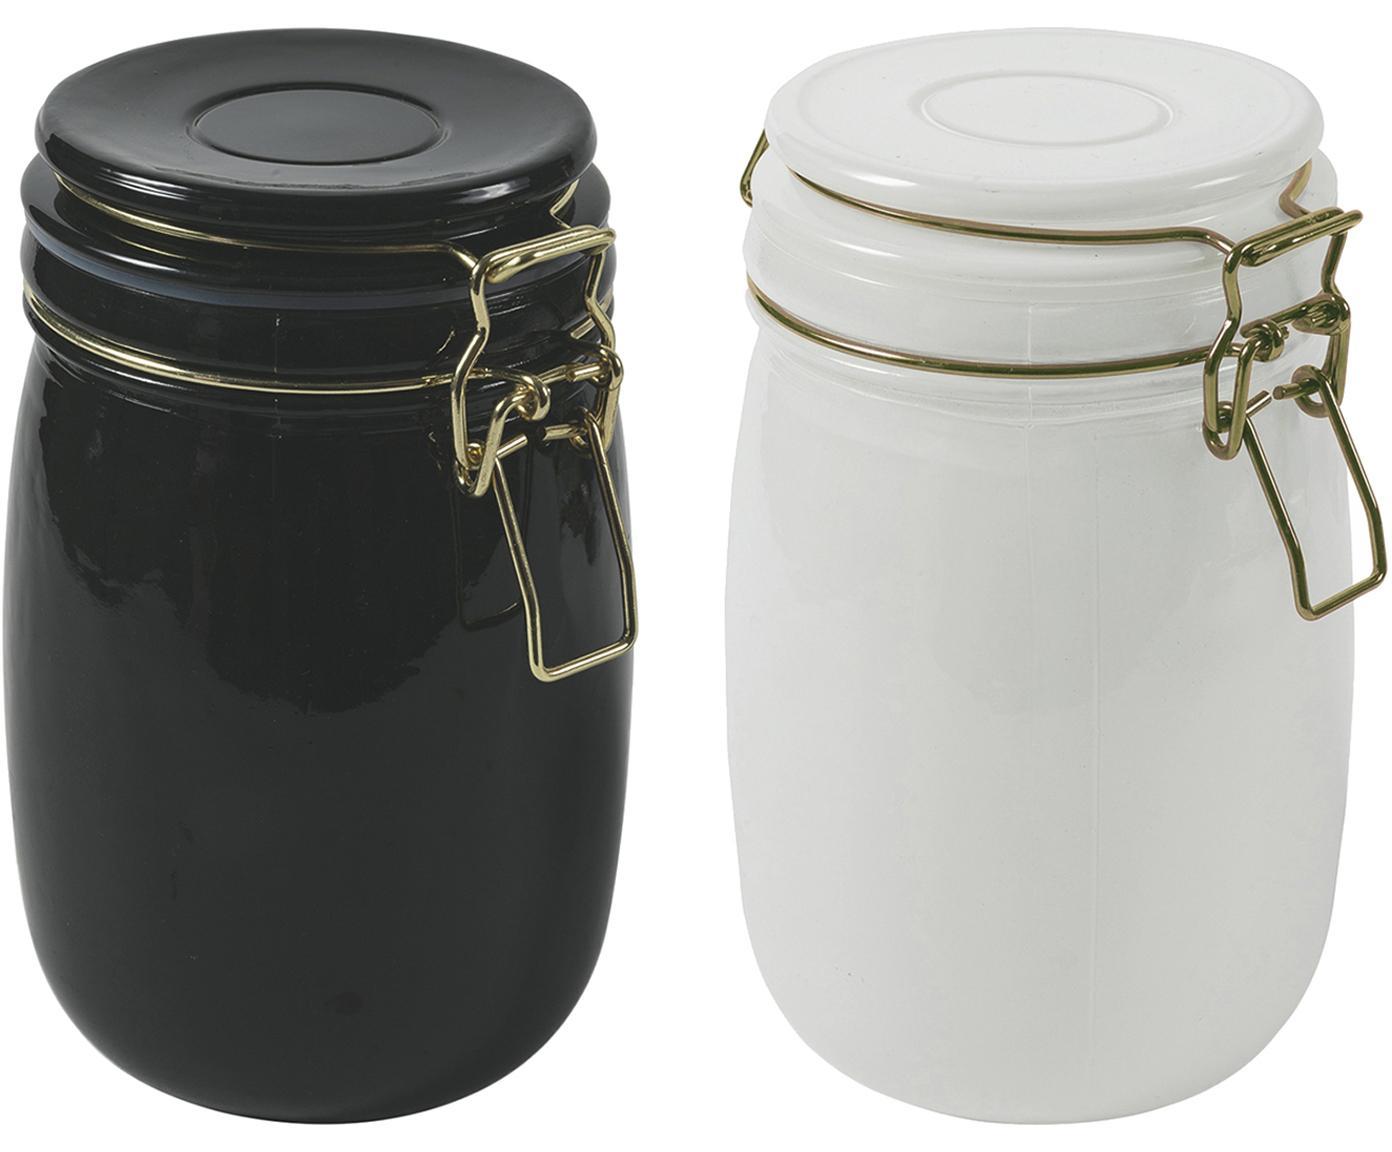 Aufbewahrungsdosen-Set Modern, 2-tlg., Behälter: Glas,, Verschluss: Metall, Weiss, Schwarz, Ø 10 x H 14 cm